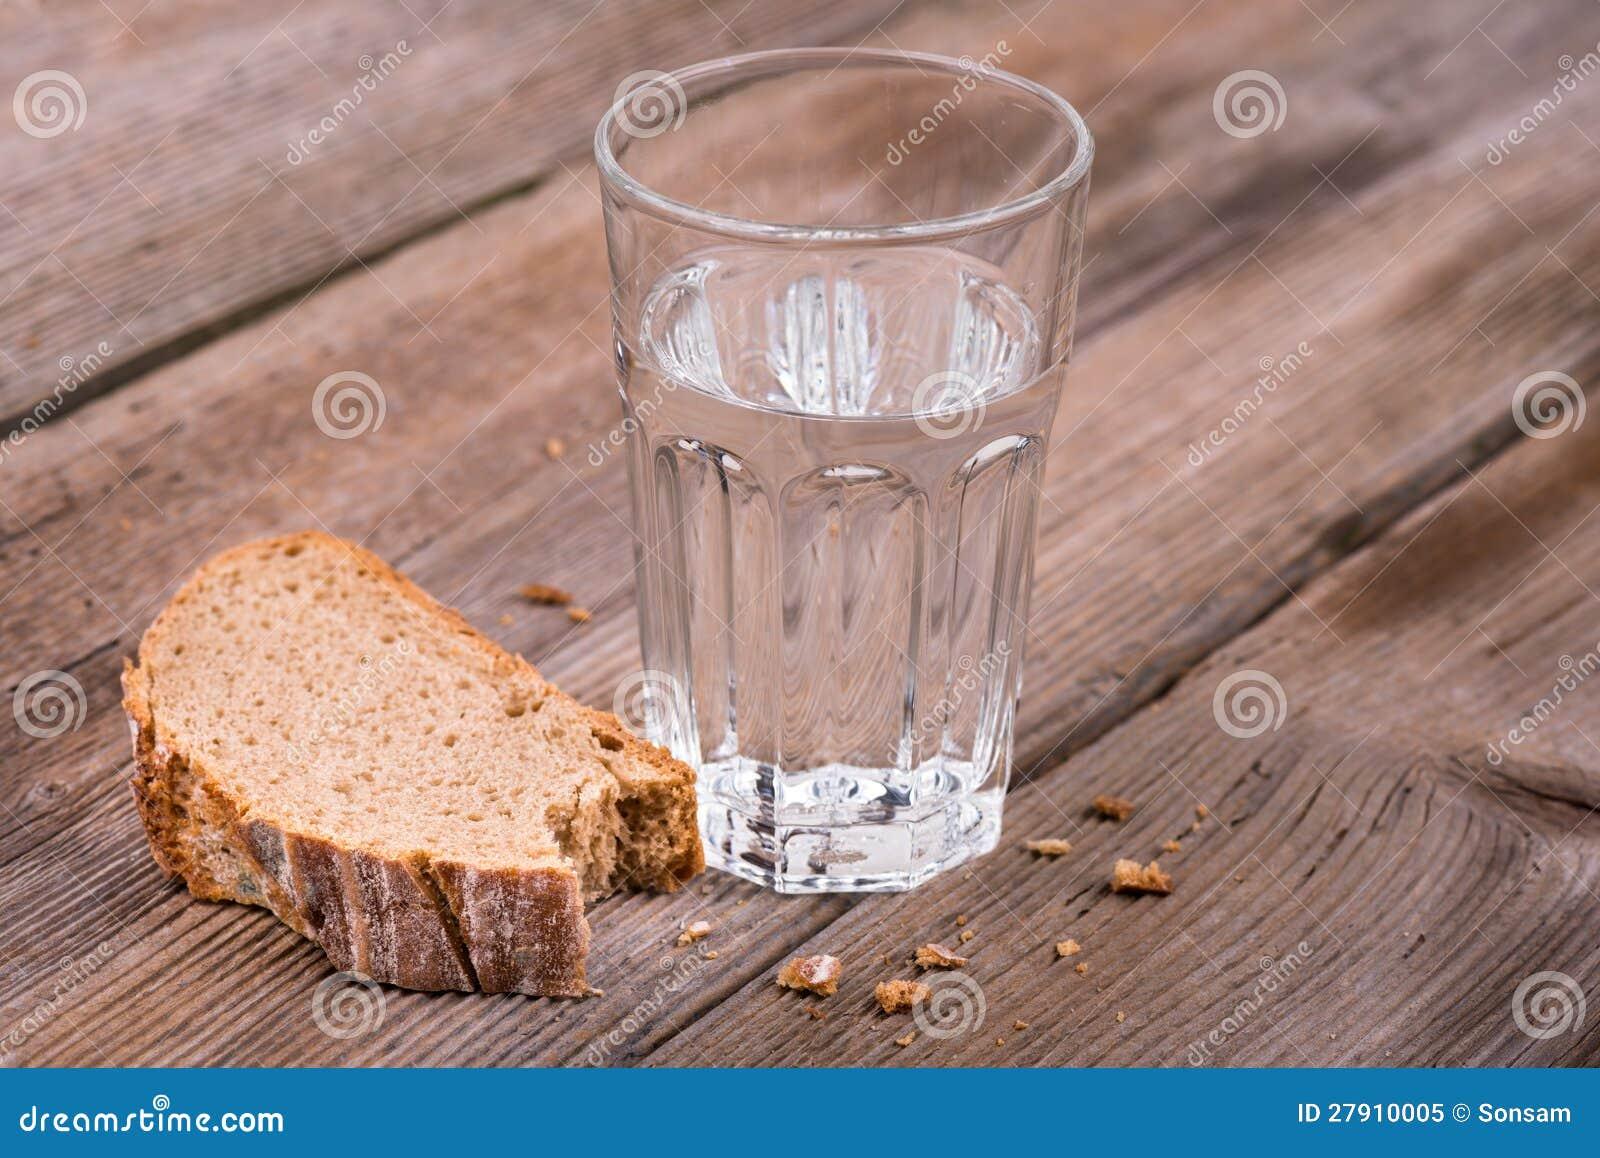 bröd och vatten